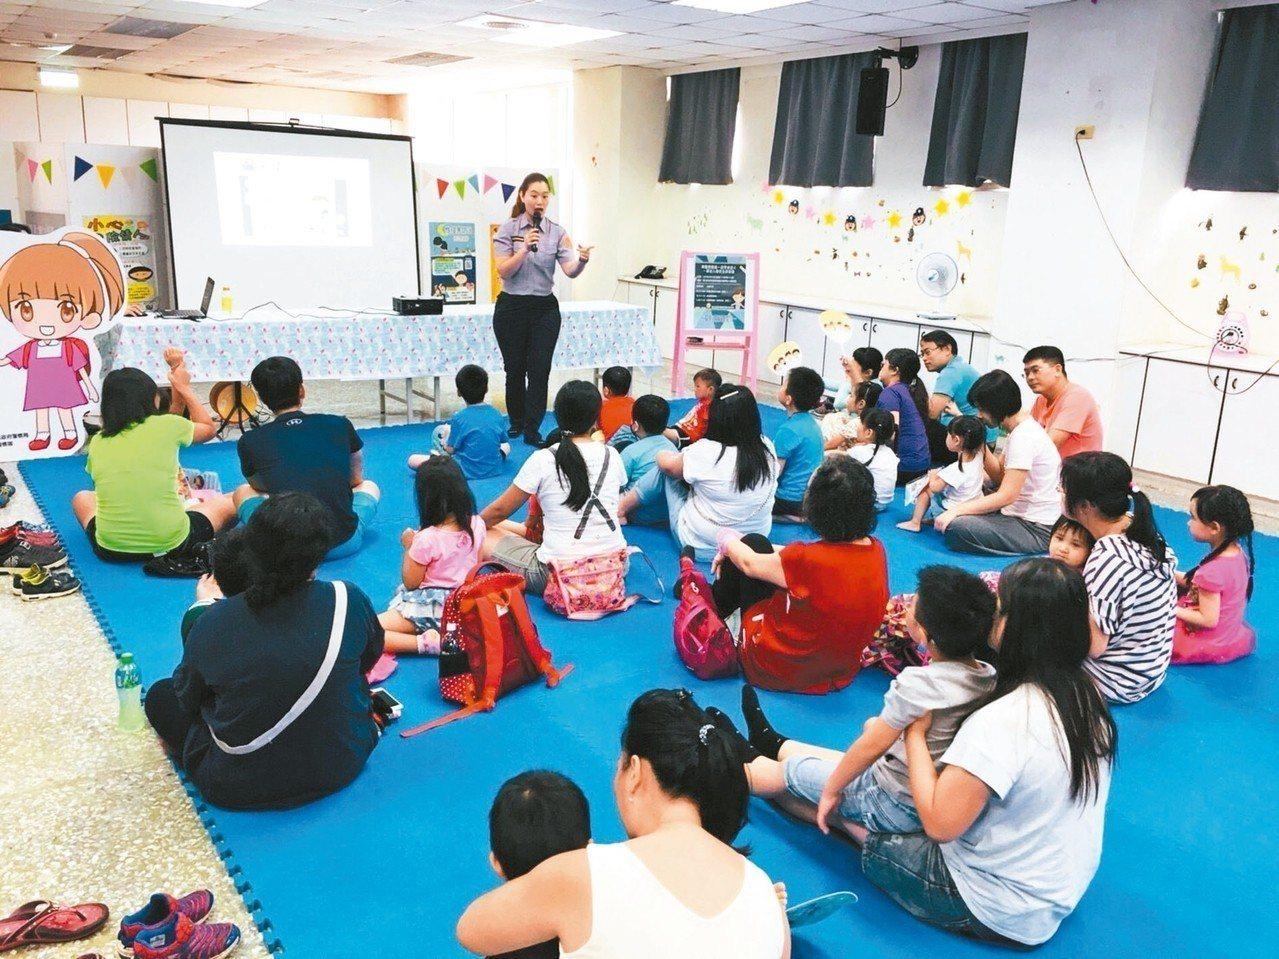 台北市婦幼隊長期舉辦性教育研習營,教導孩子保護自己。 圖/取自北市婦幼隊臉書粉絲...